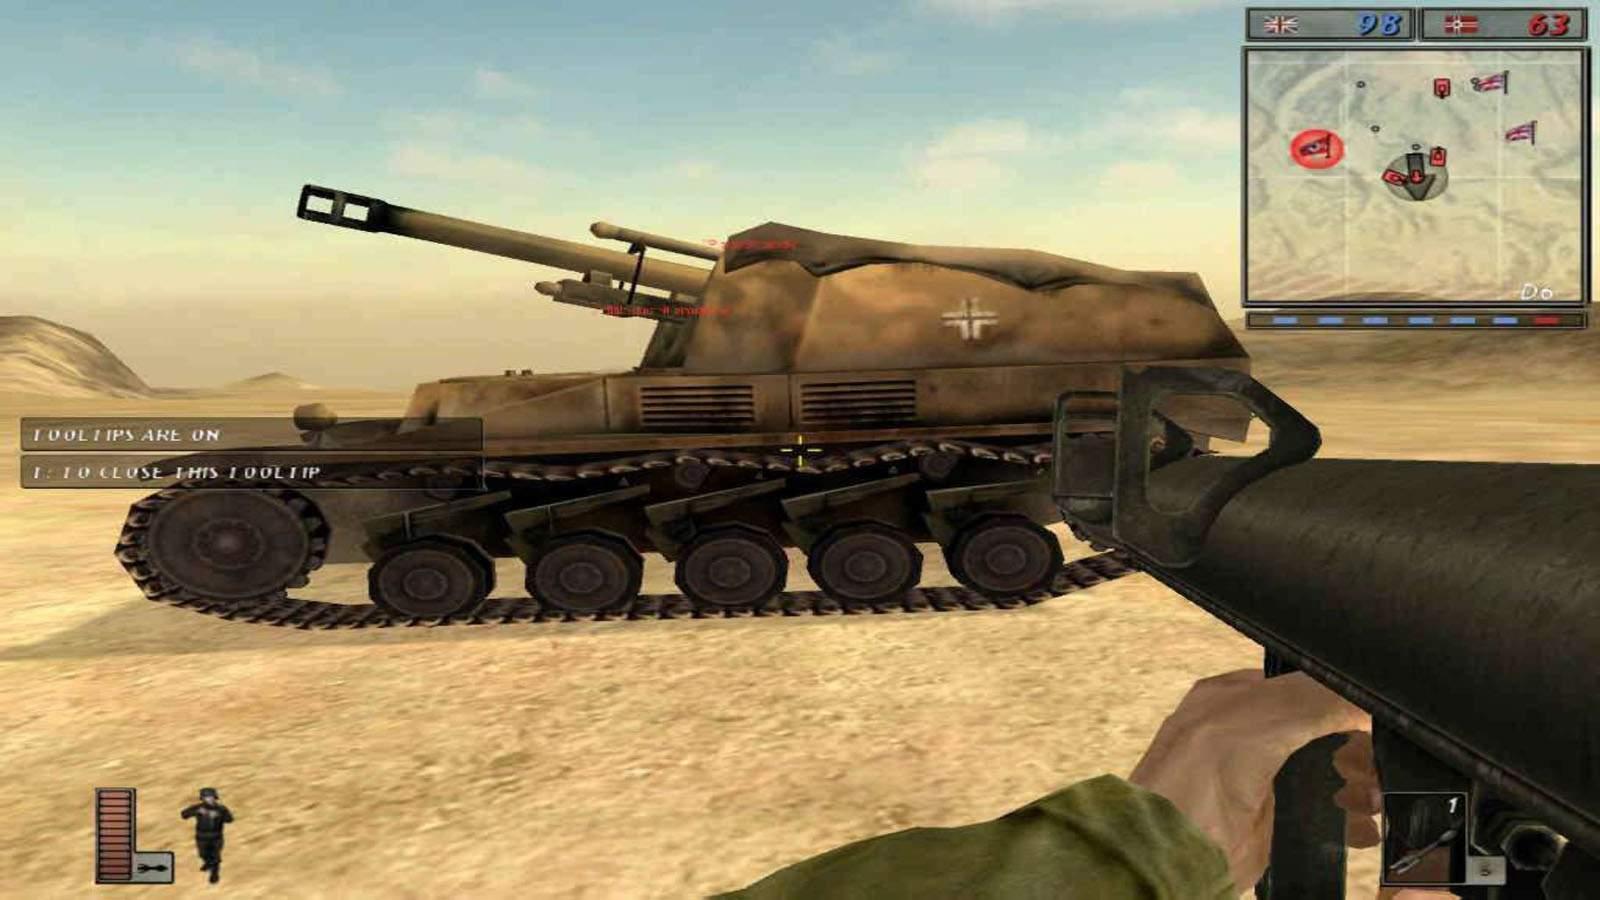 تحميل لعبة Battlefield 1942 مضغوطة برابط واحد مباشر كاملة مجانا